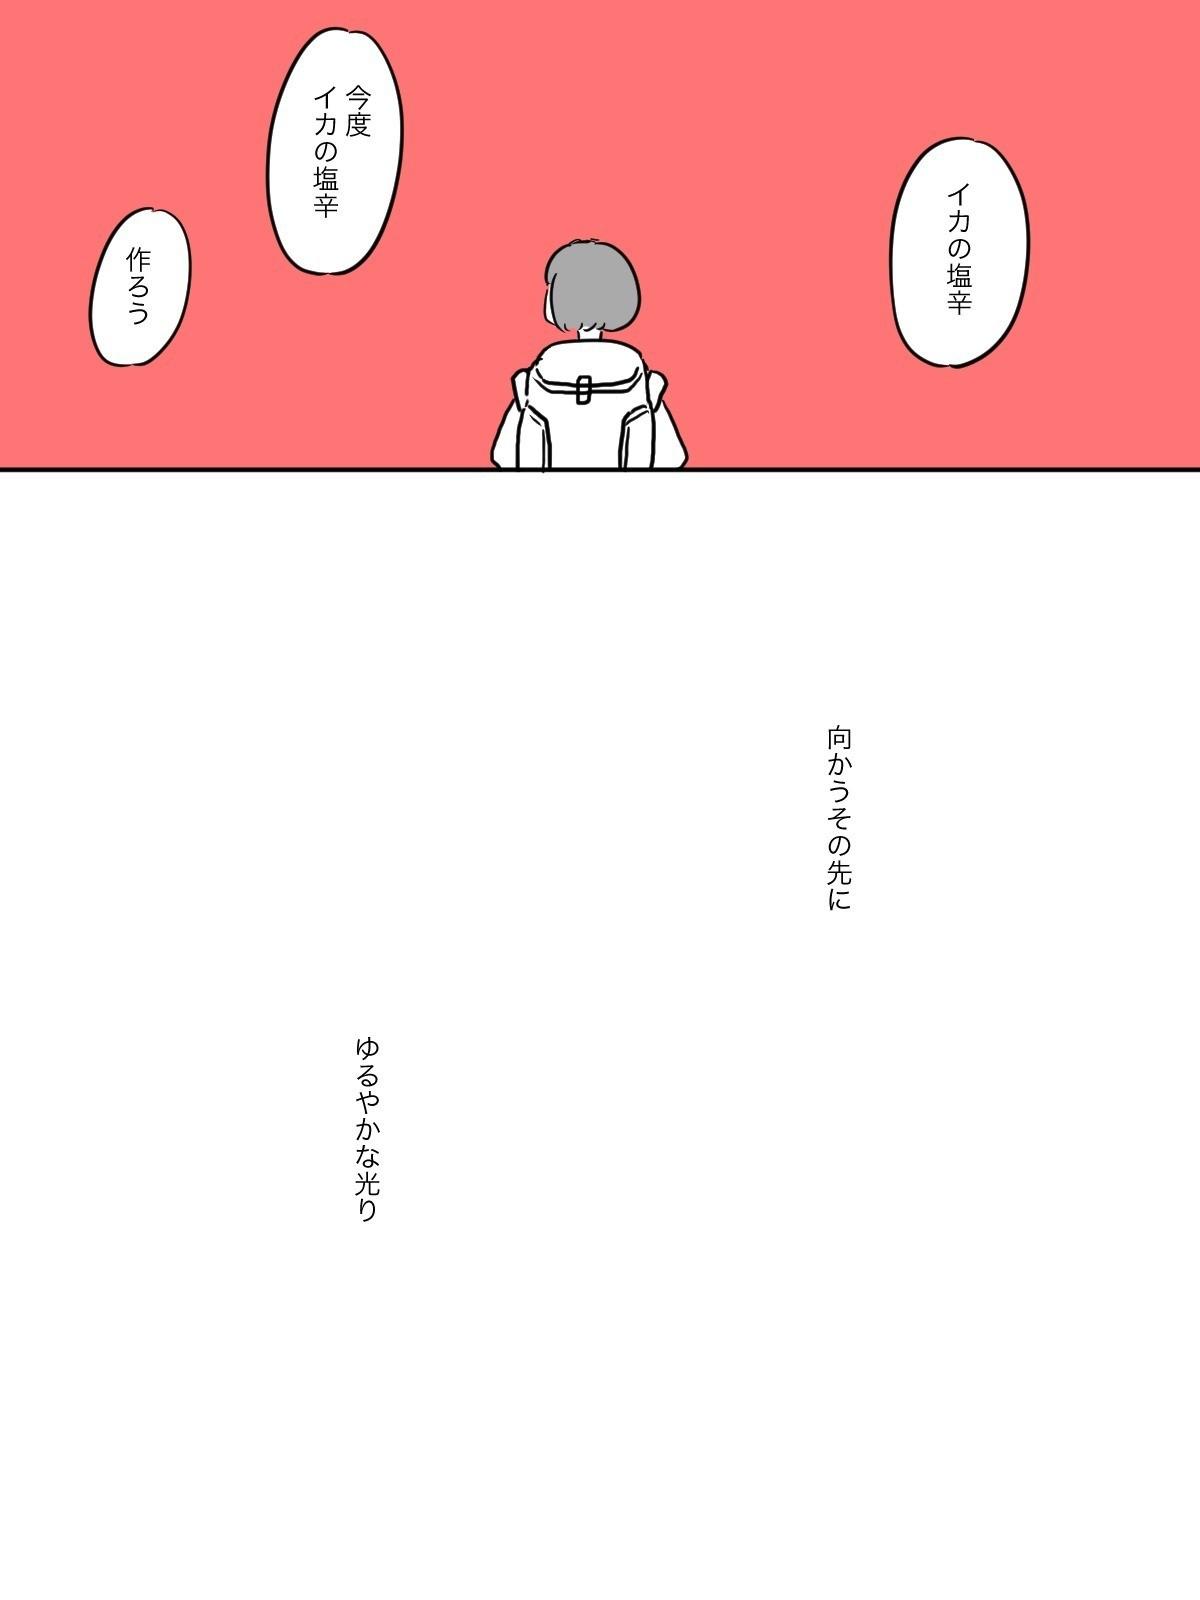 蒲田 漫画 喫茶 おすすめ